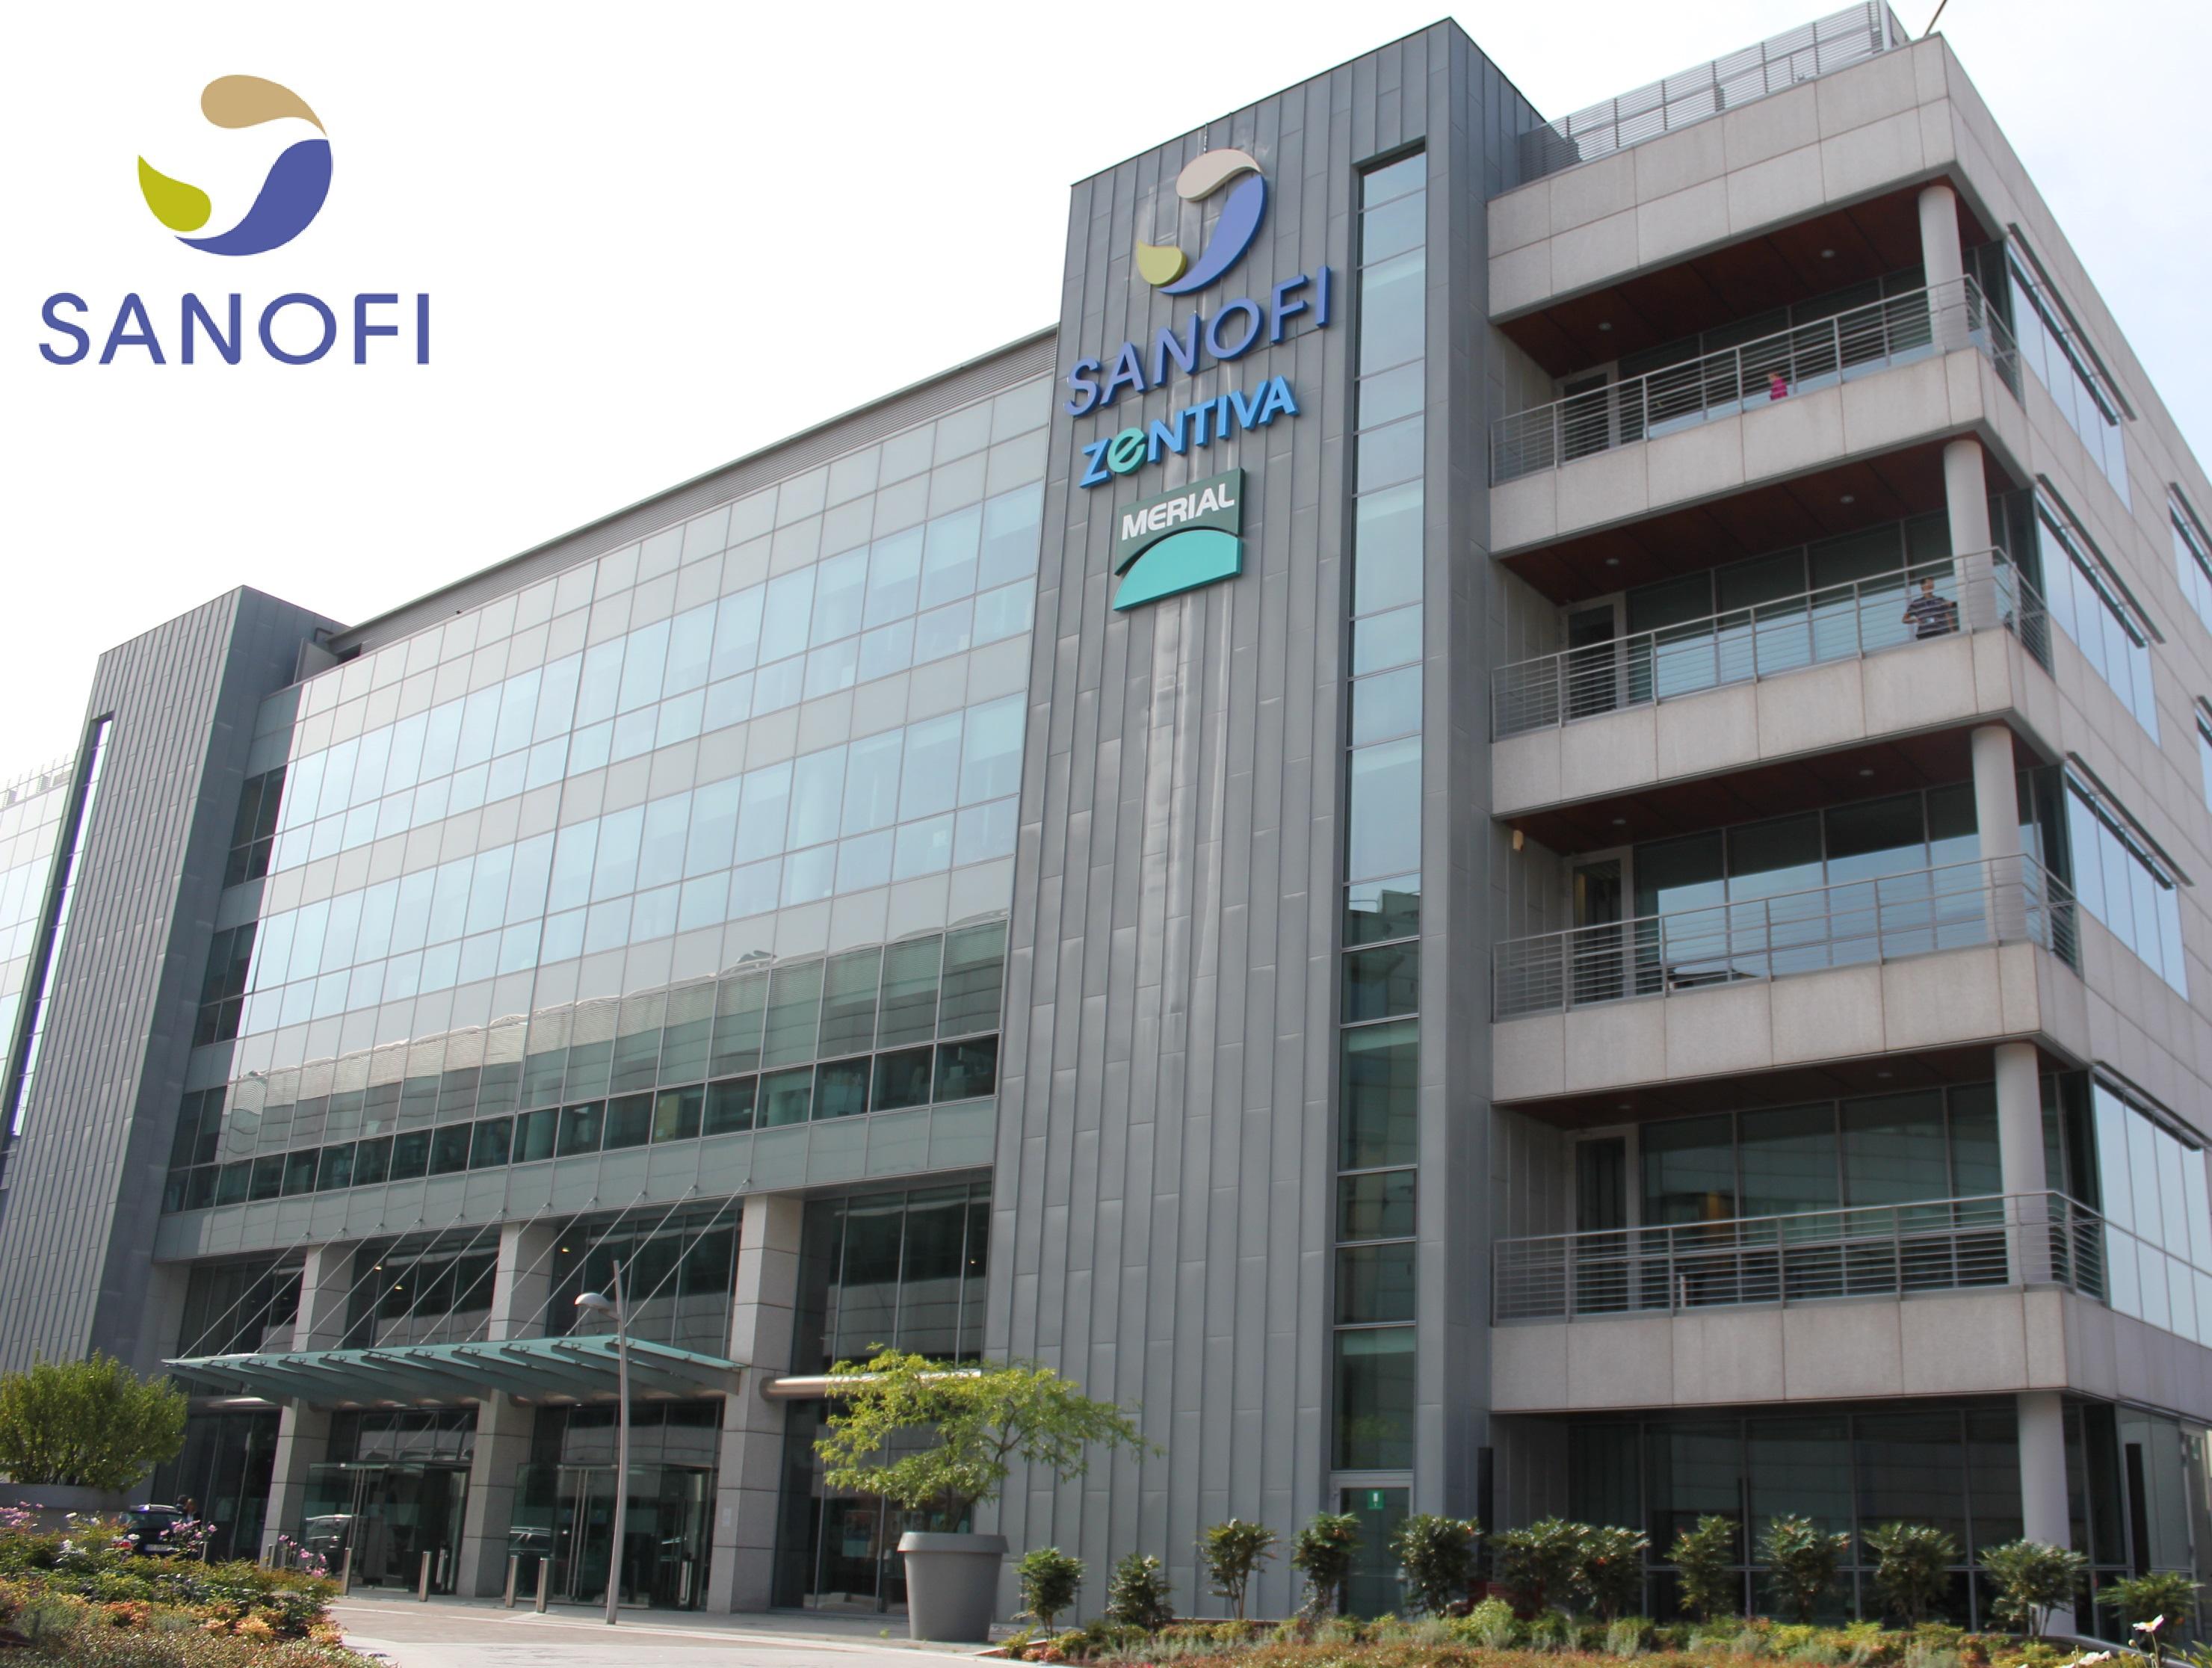 Gruppo Sanofi: 21 posizioni aperte nel settore farmaceutico